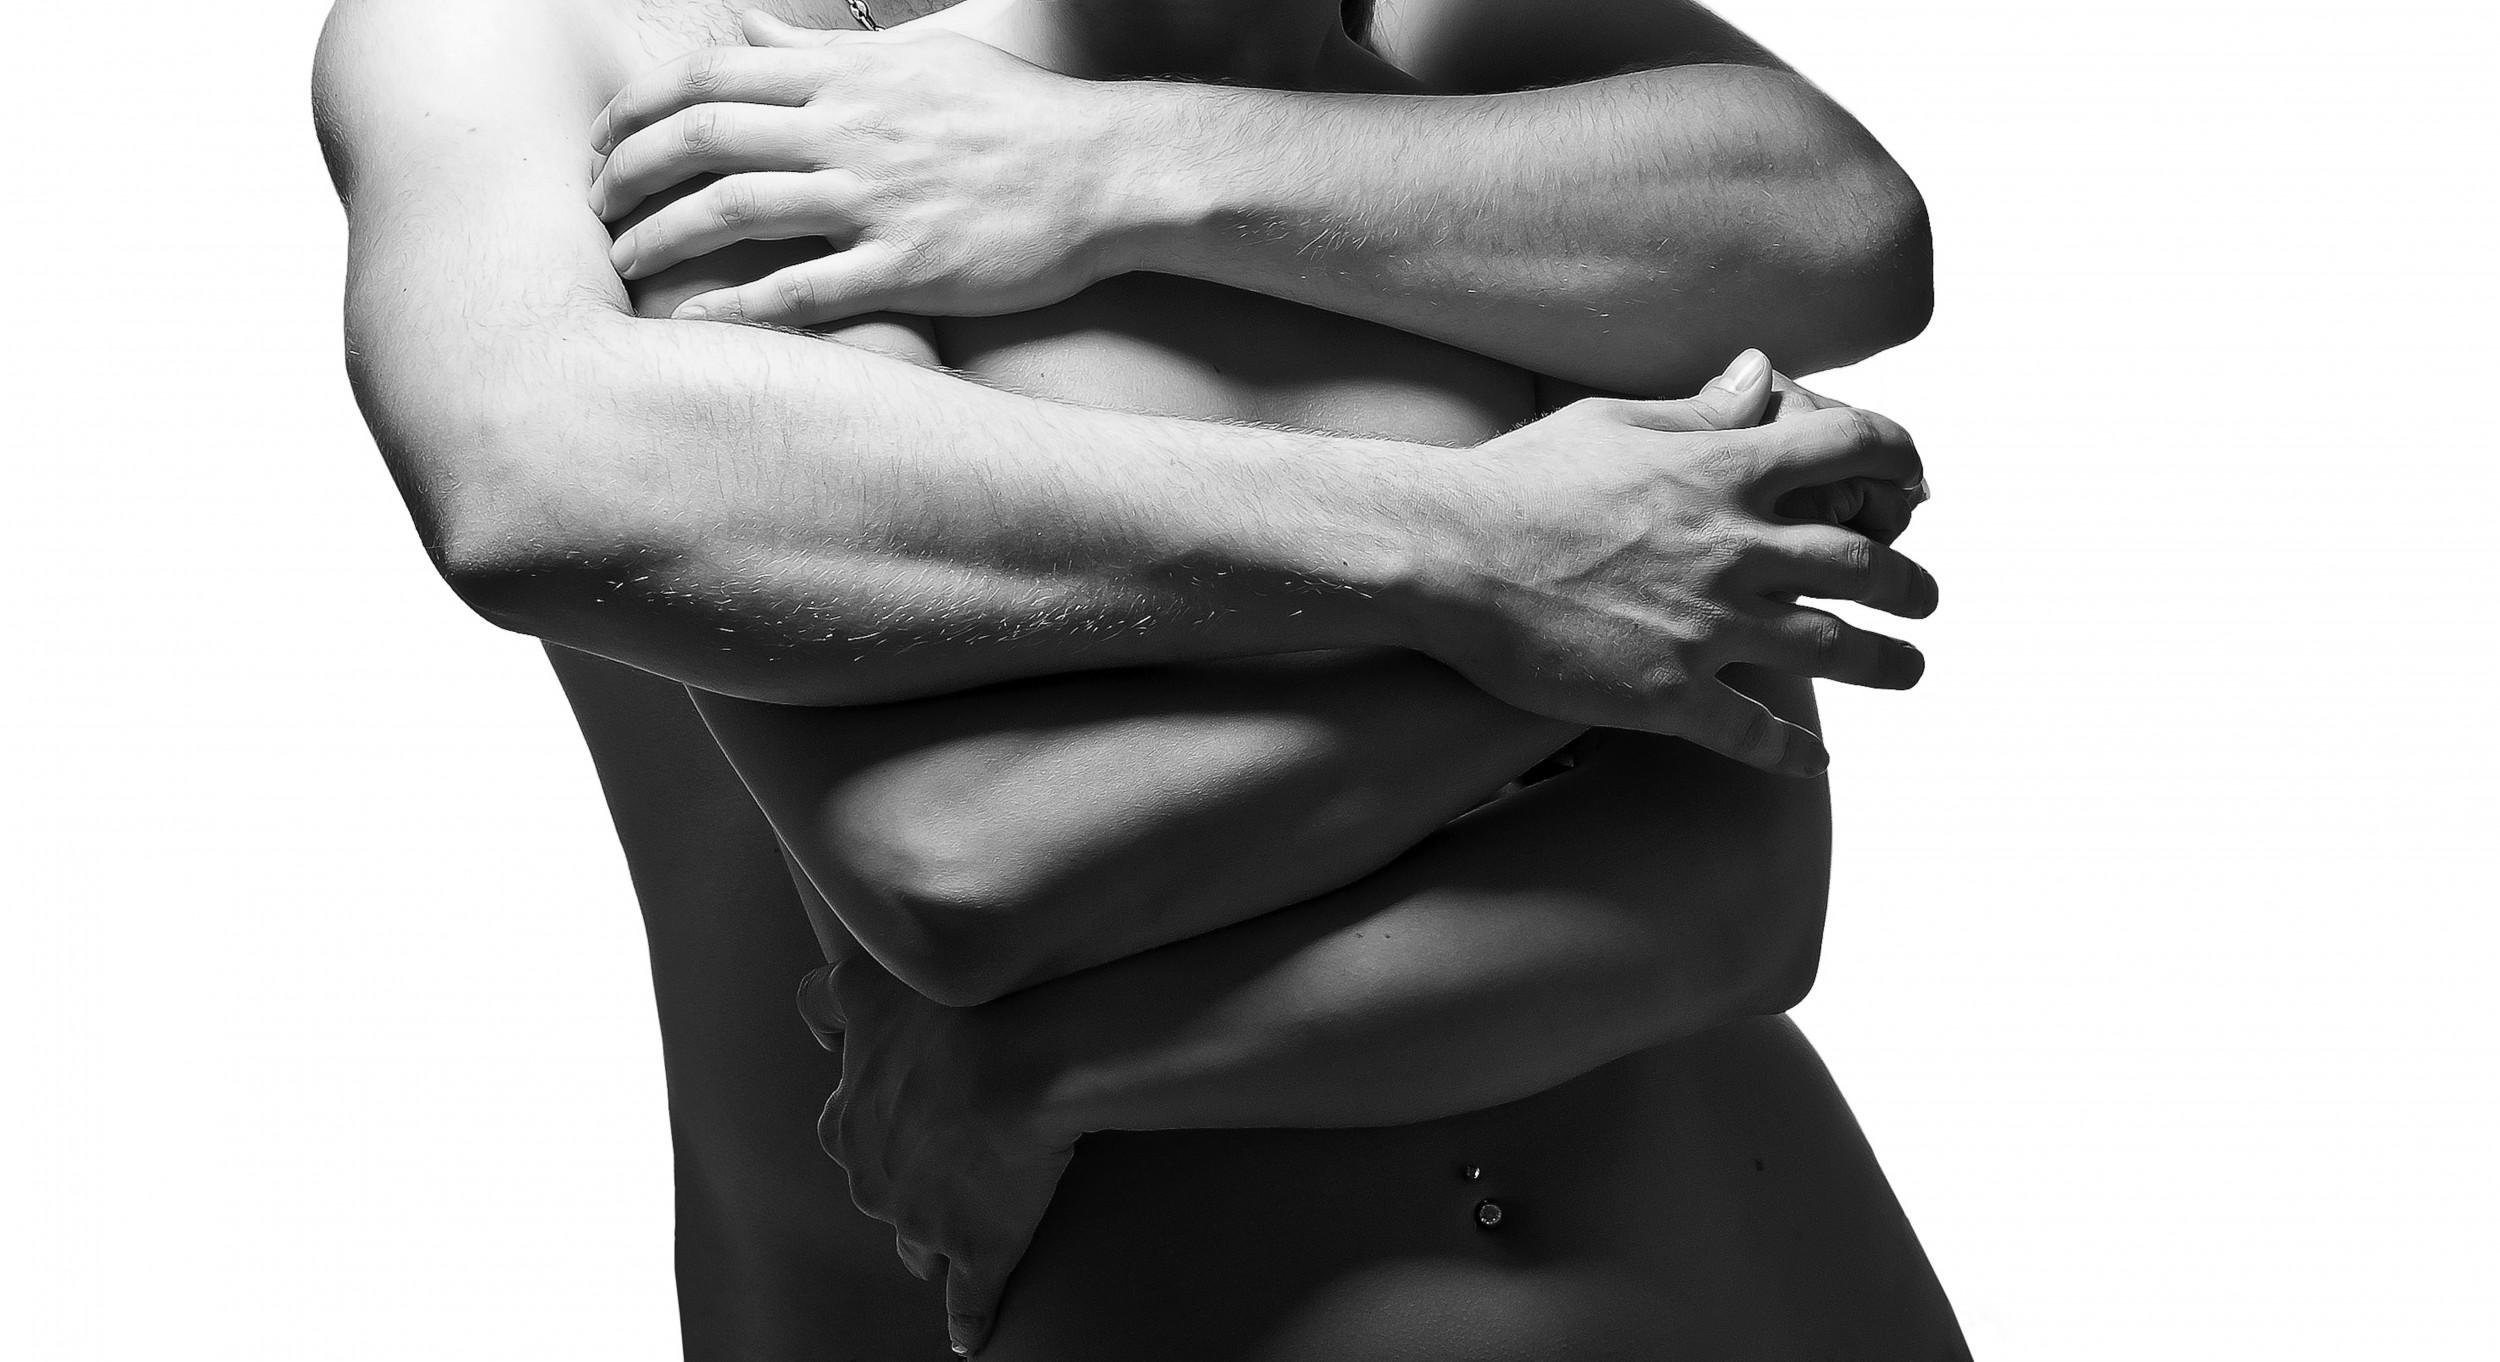 Znalezione obrazy dla zapytania closeness